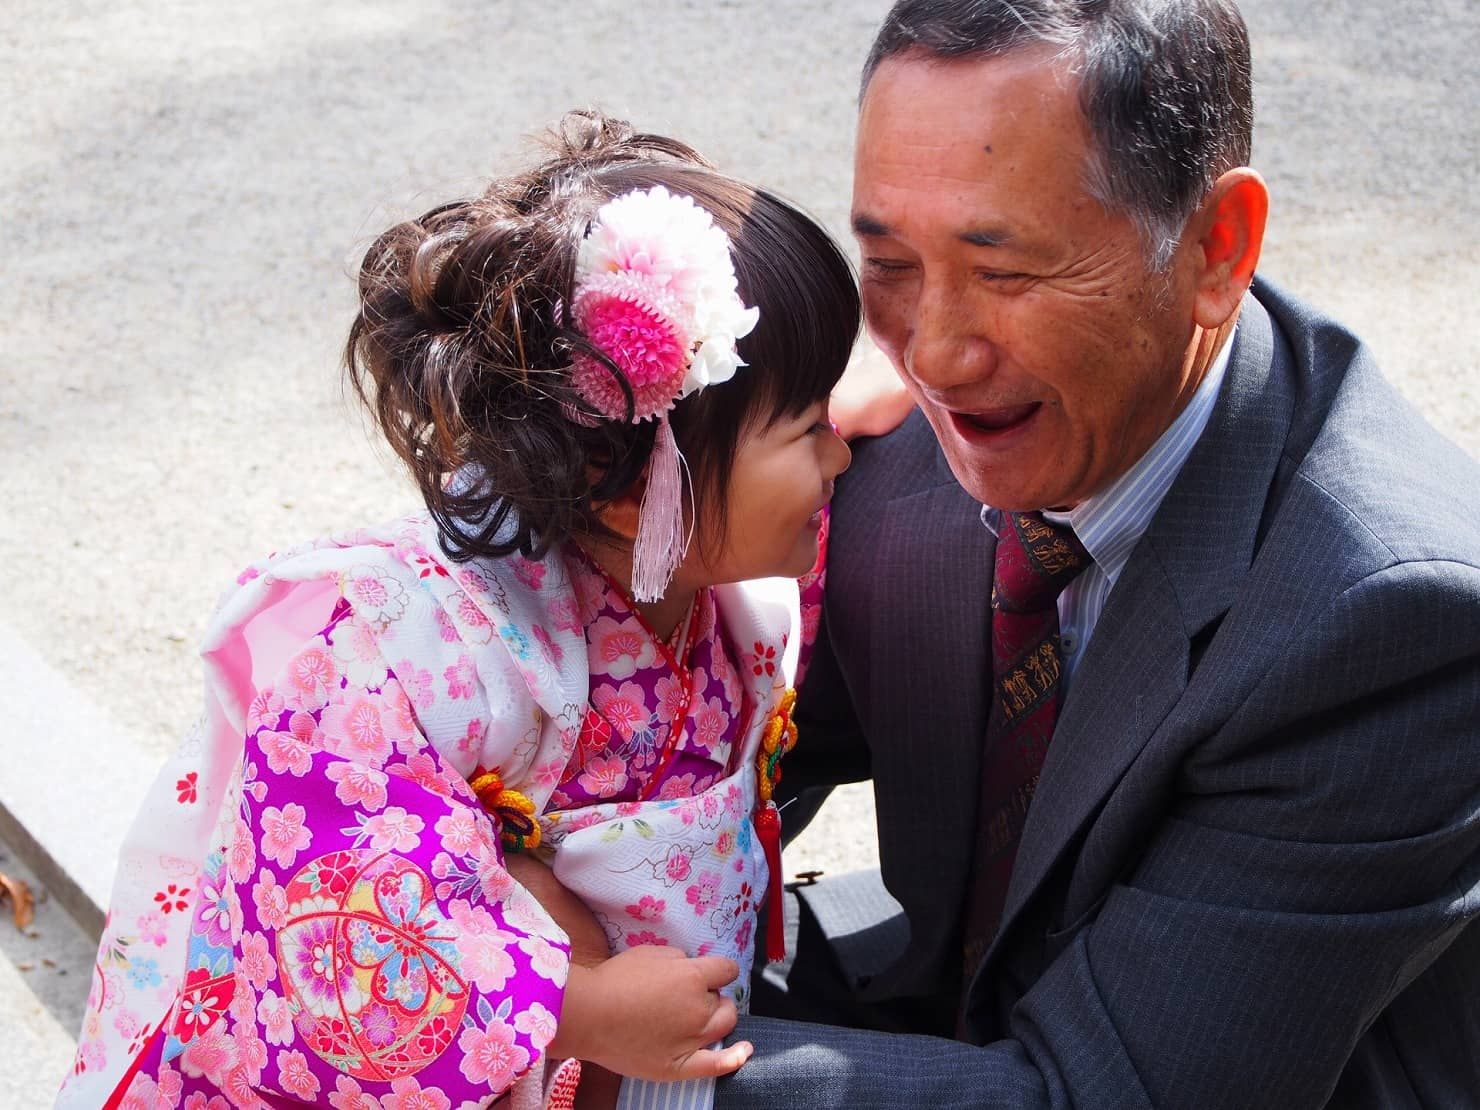 【3歳の七五三】女の子に人気の着物は? 着付けやヘアアレンジ、準備するものは?